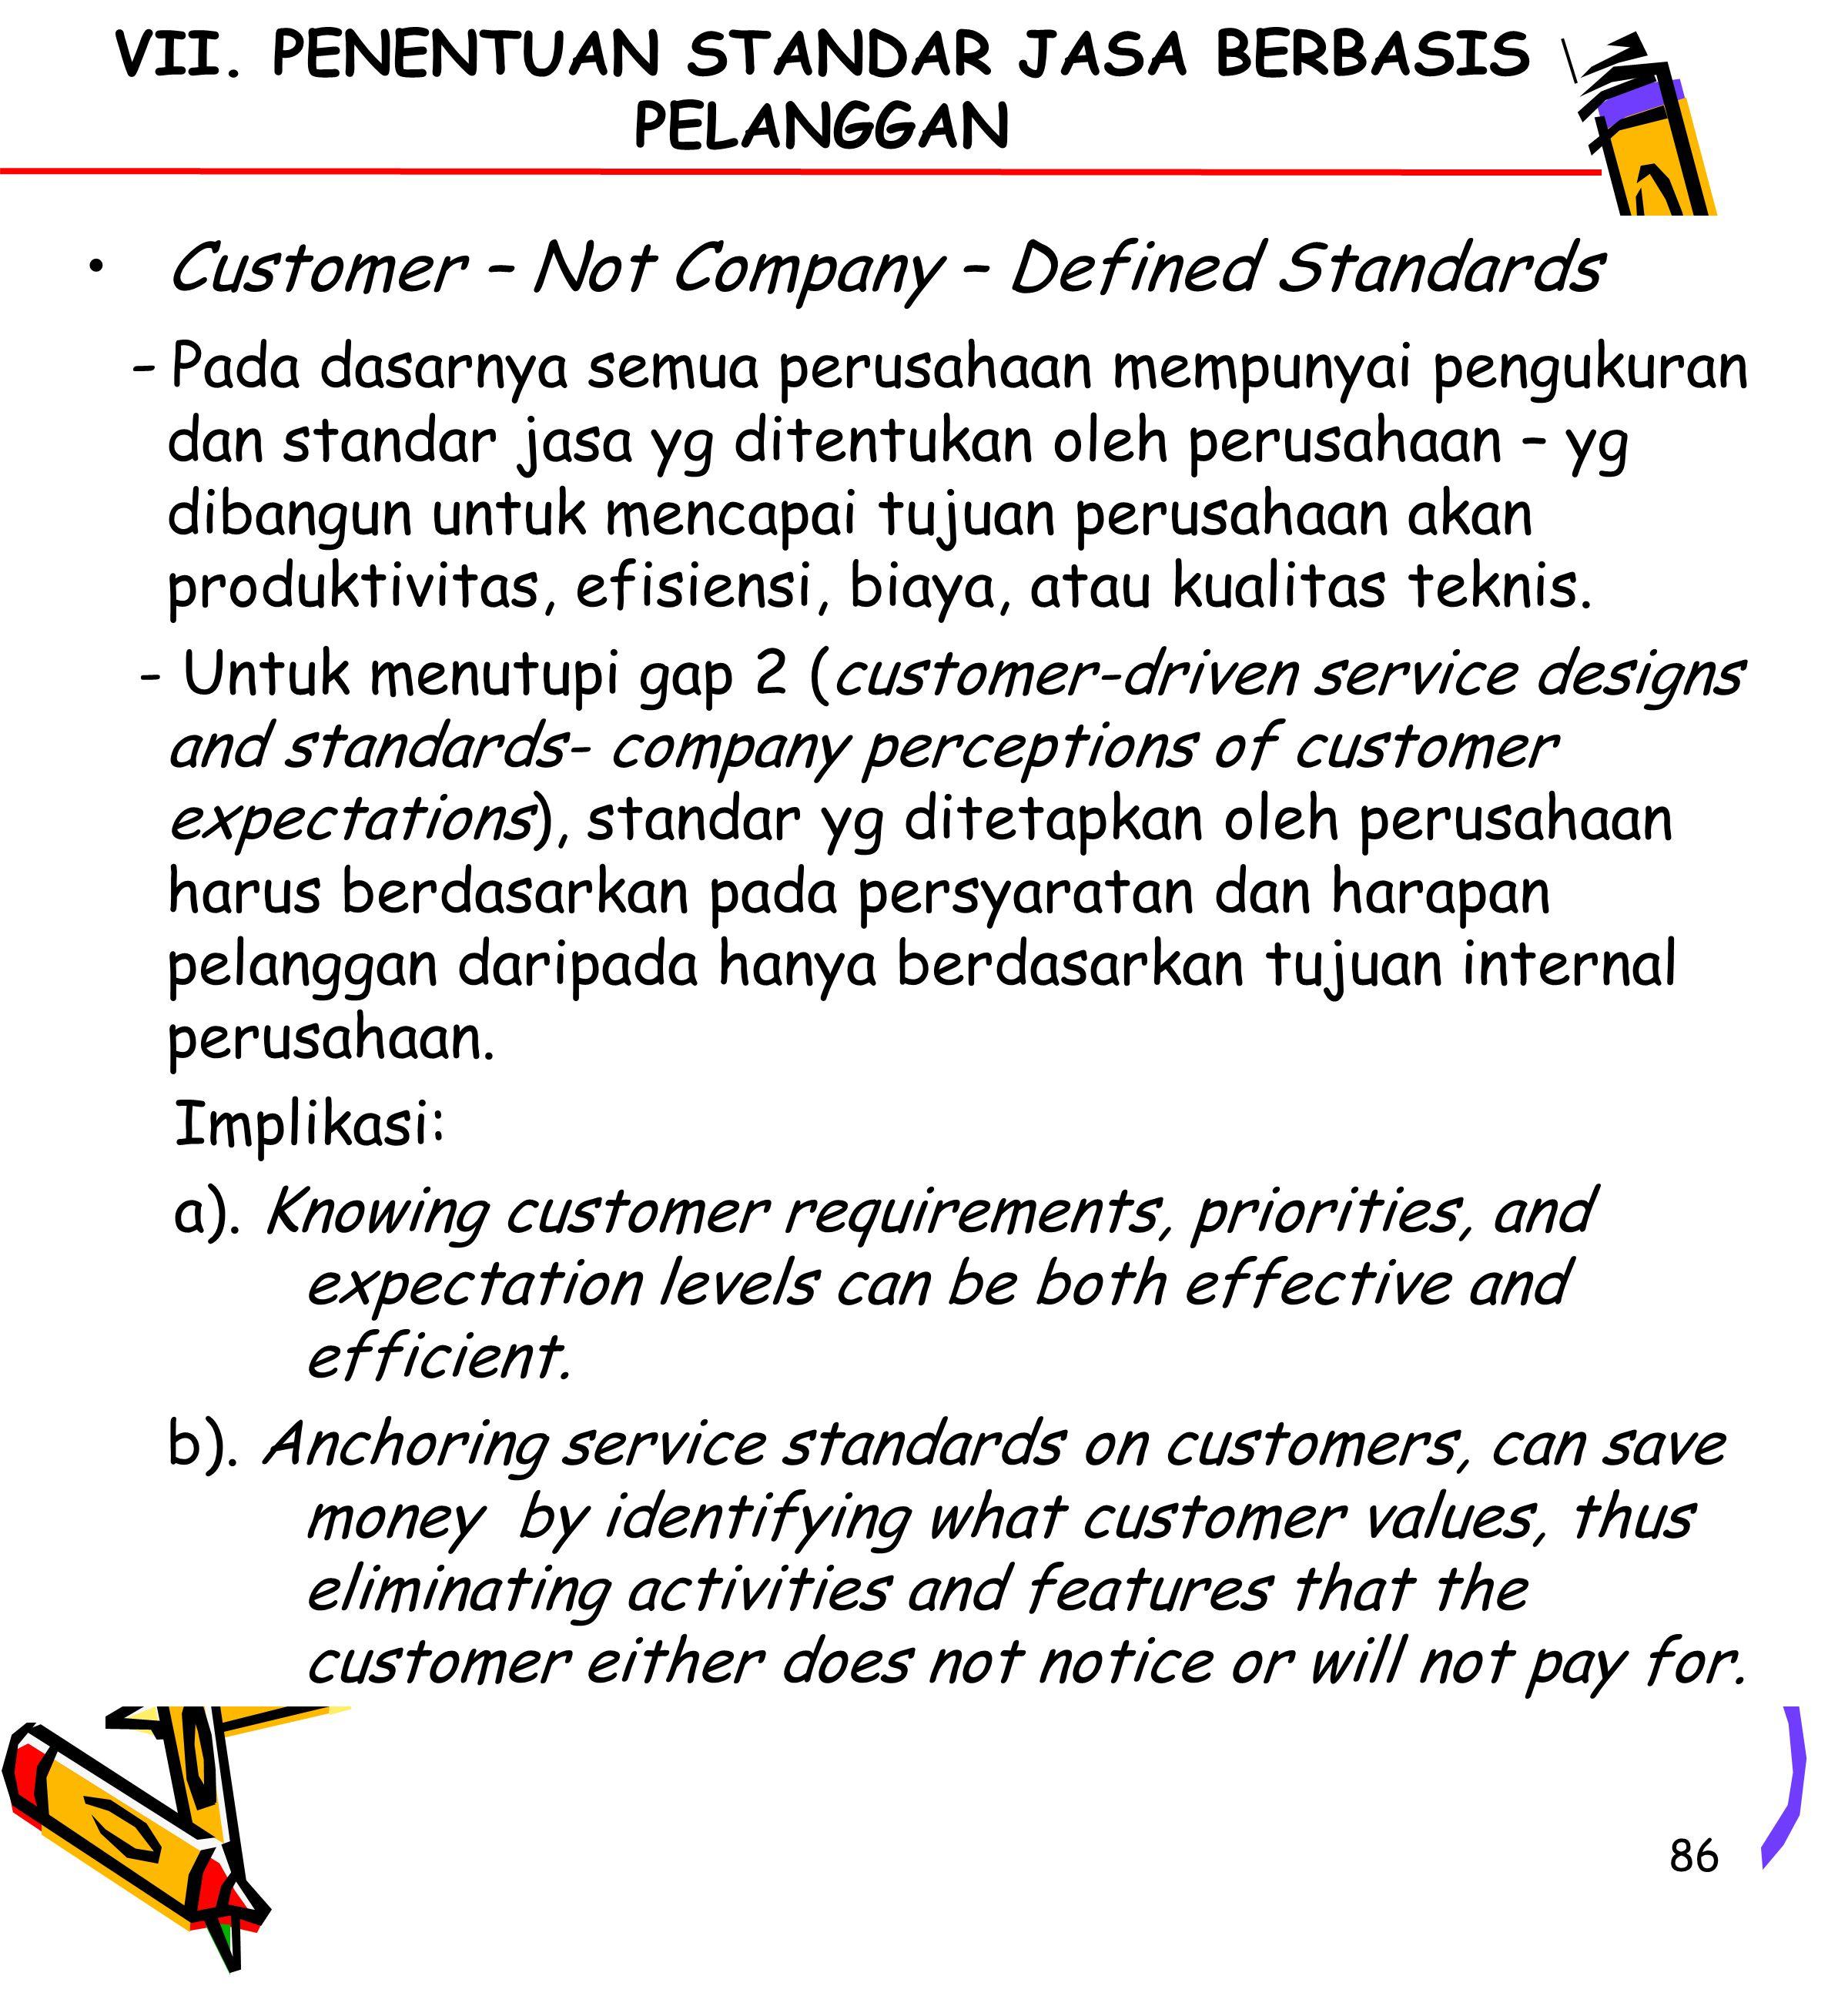 86 Customer – Not Company – Defined Standards - Pada dasarnya semua perusahaan mempunyai pengukuran dan standar jasa yg ditentukan oleh perusahaan – yg dibangun untuk mencapai tujuan perusahaan akan produktivitas, efisiensi, biaya, atau kualitas teknis.